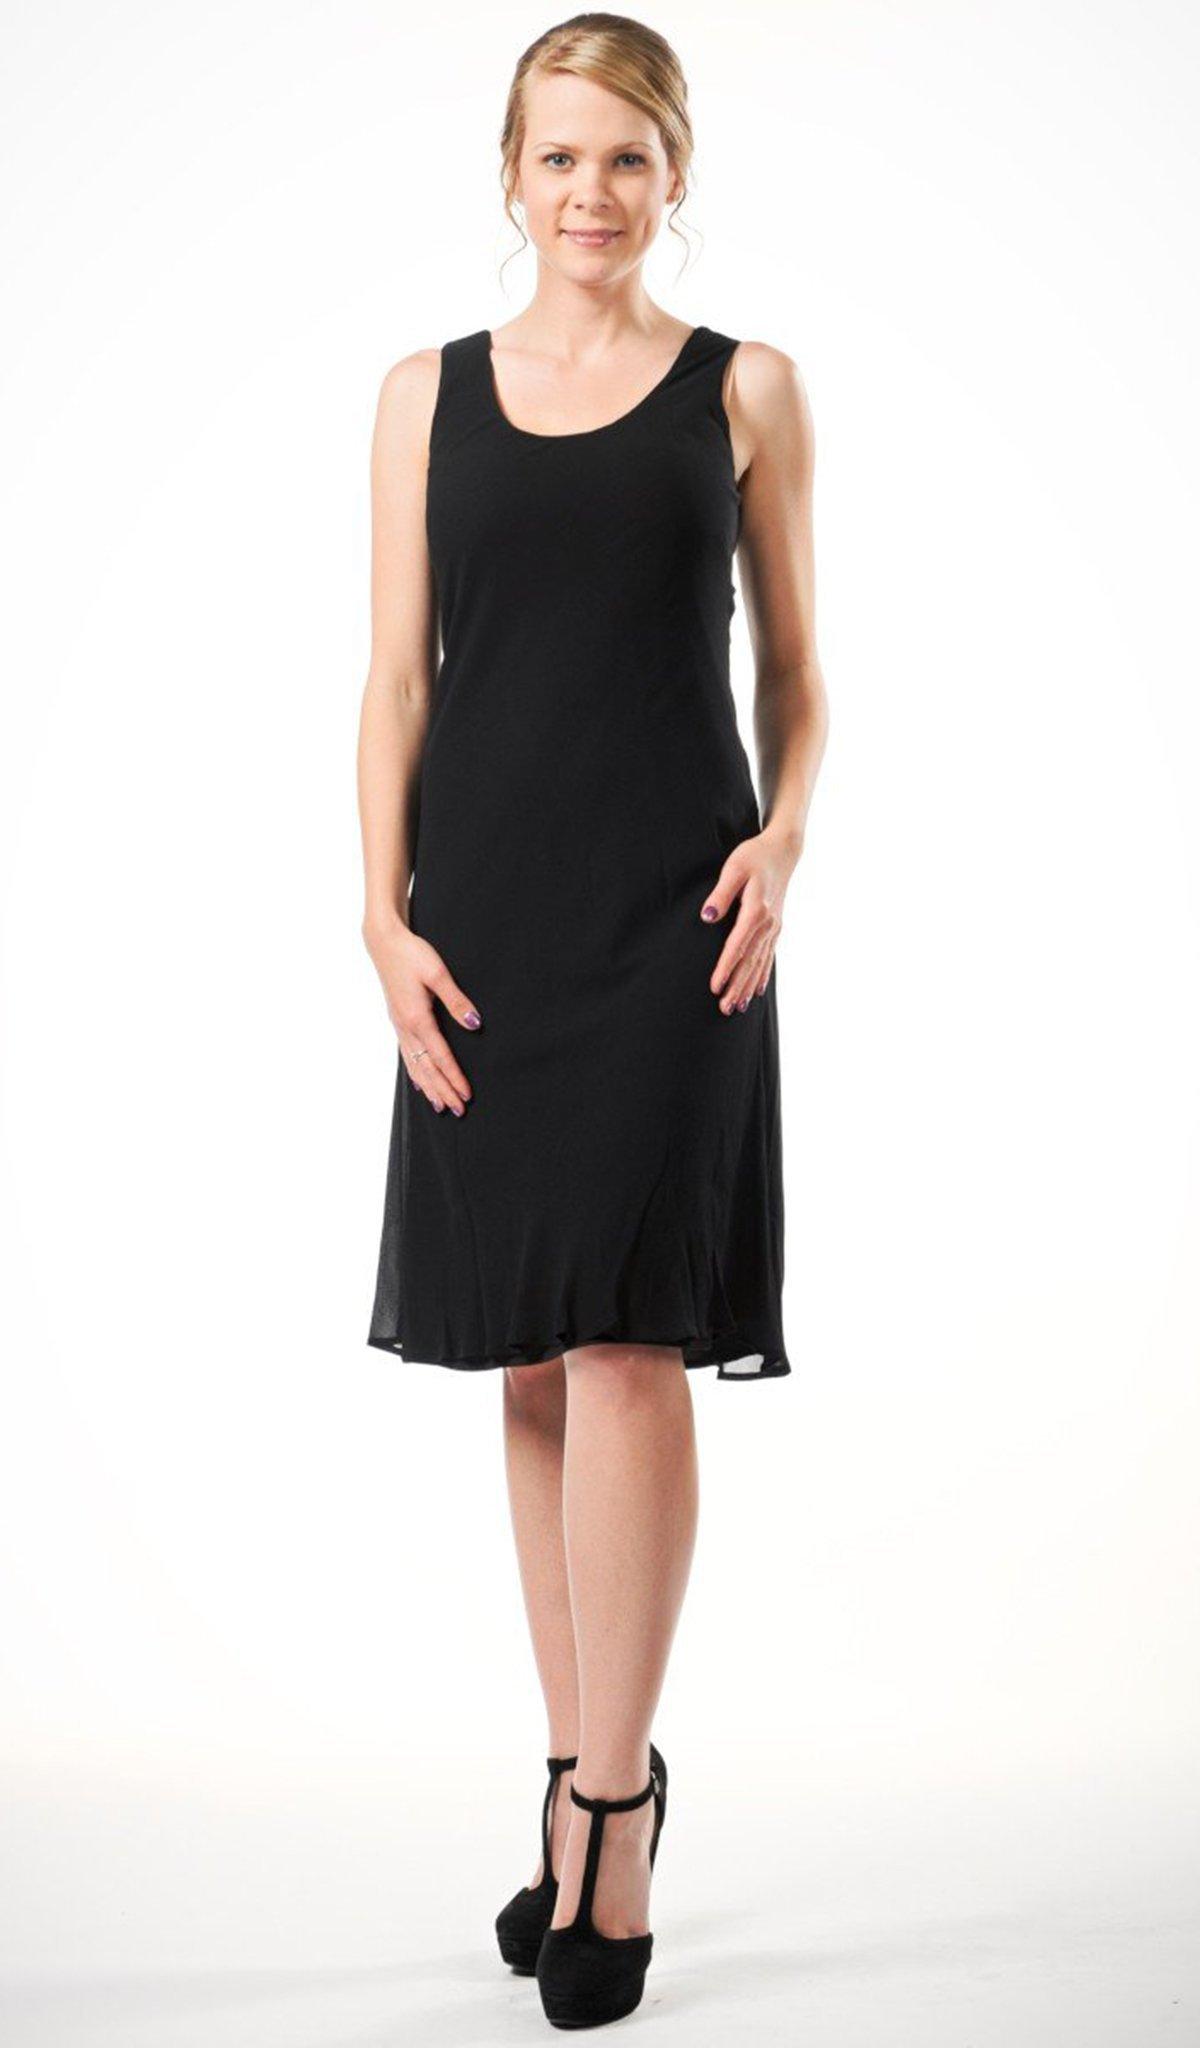 Soulmates - S1201 Tank Dress